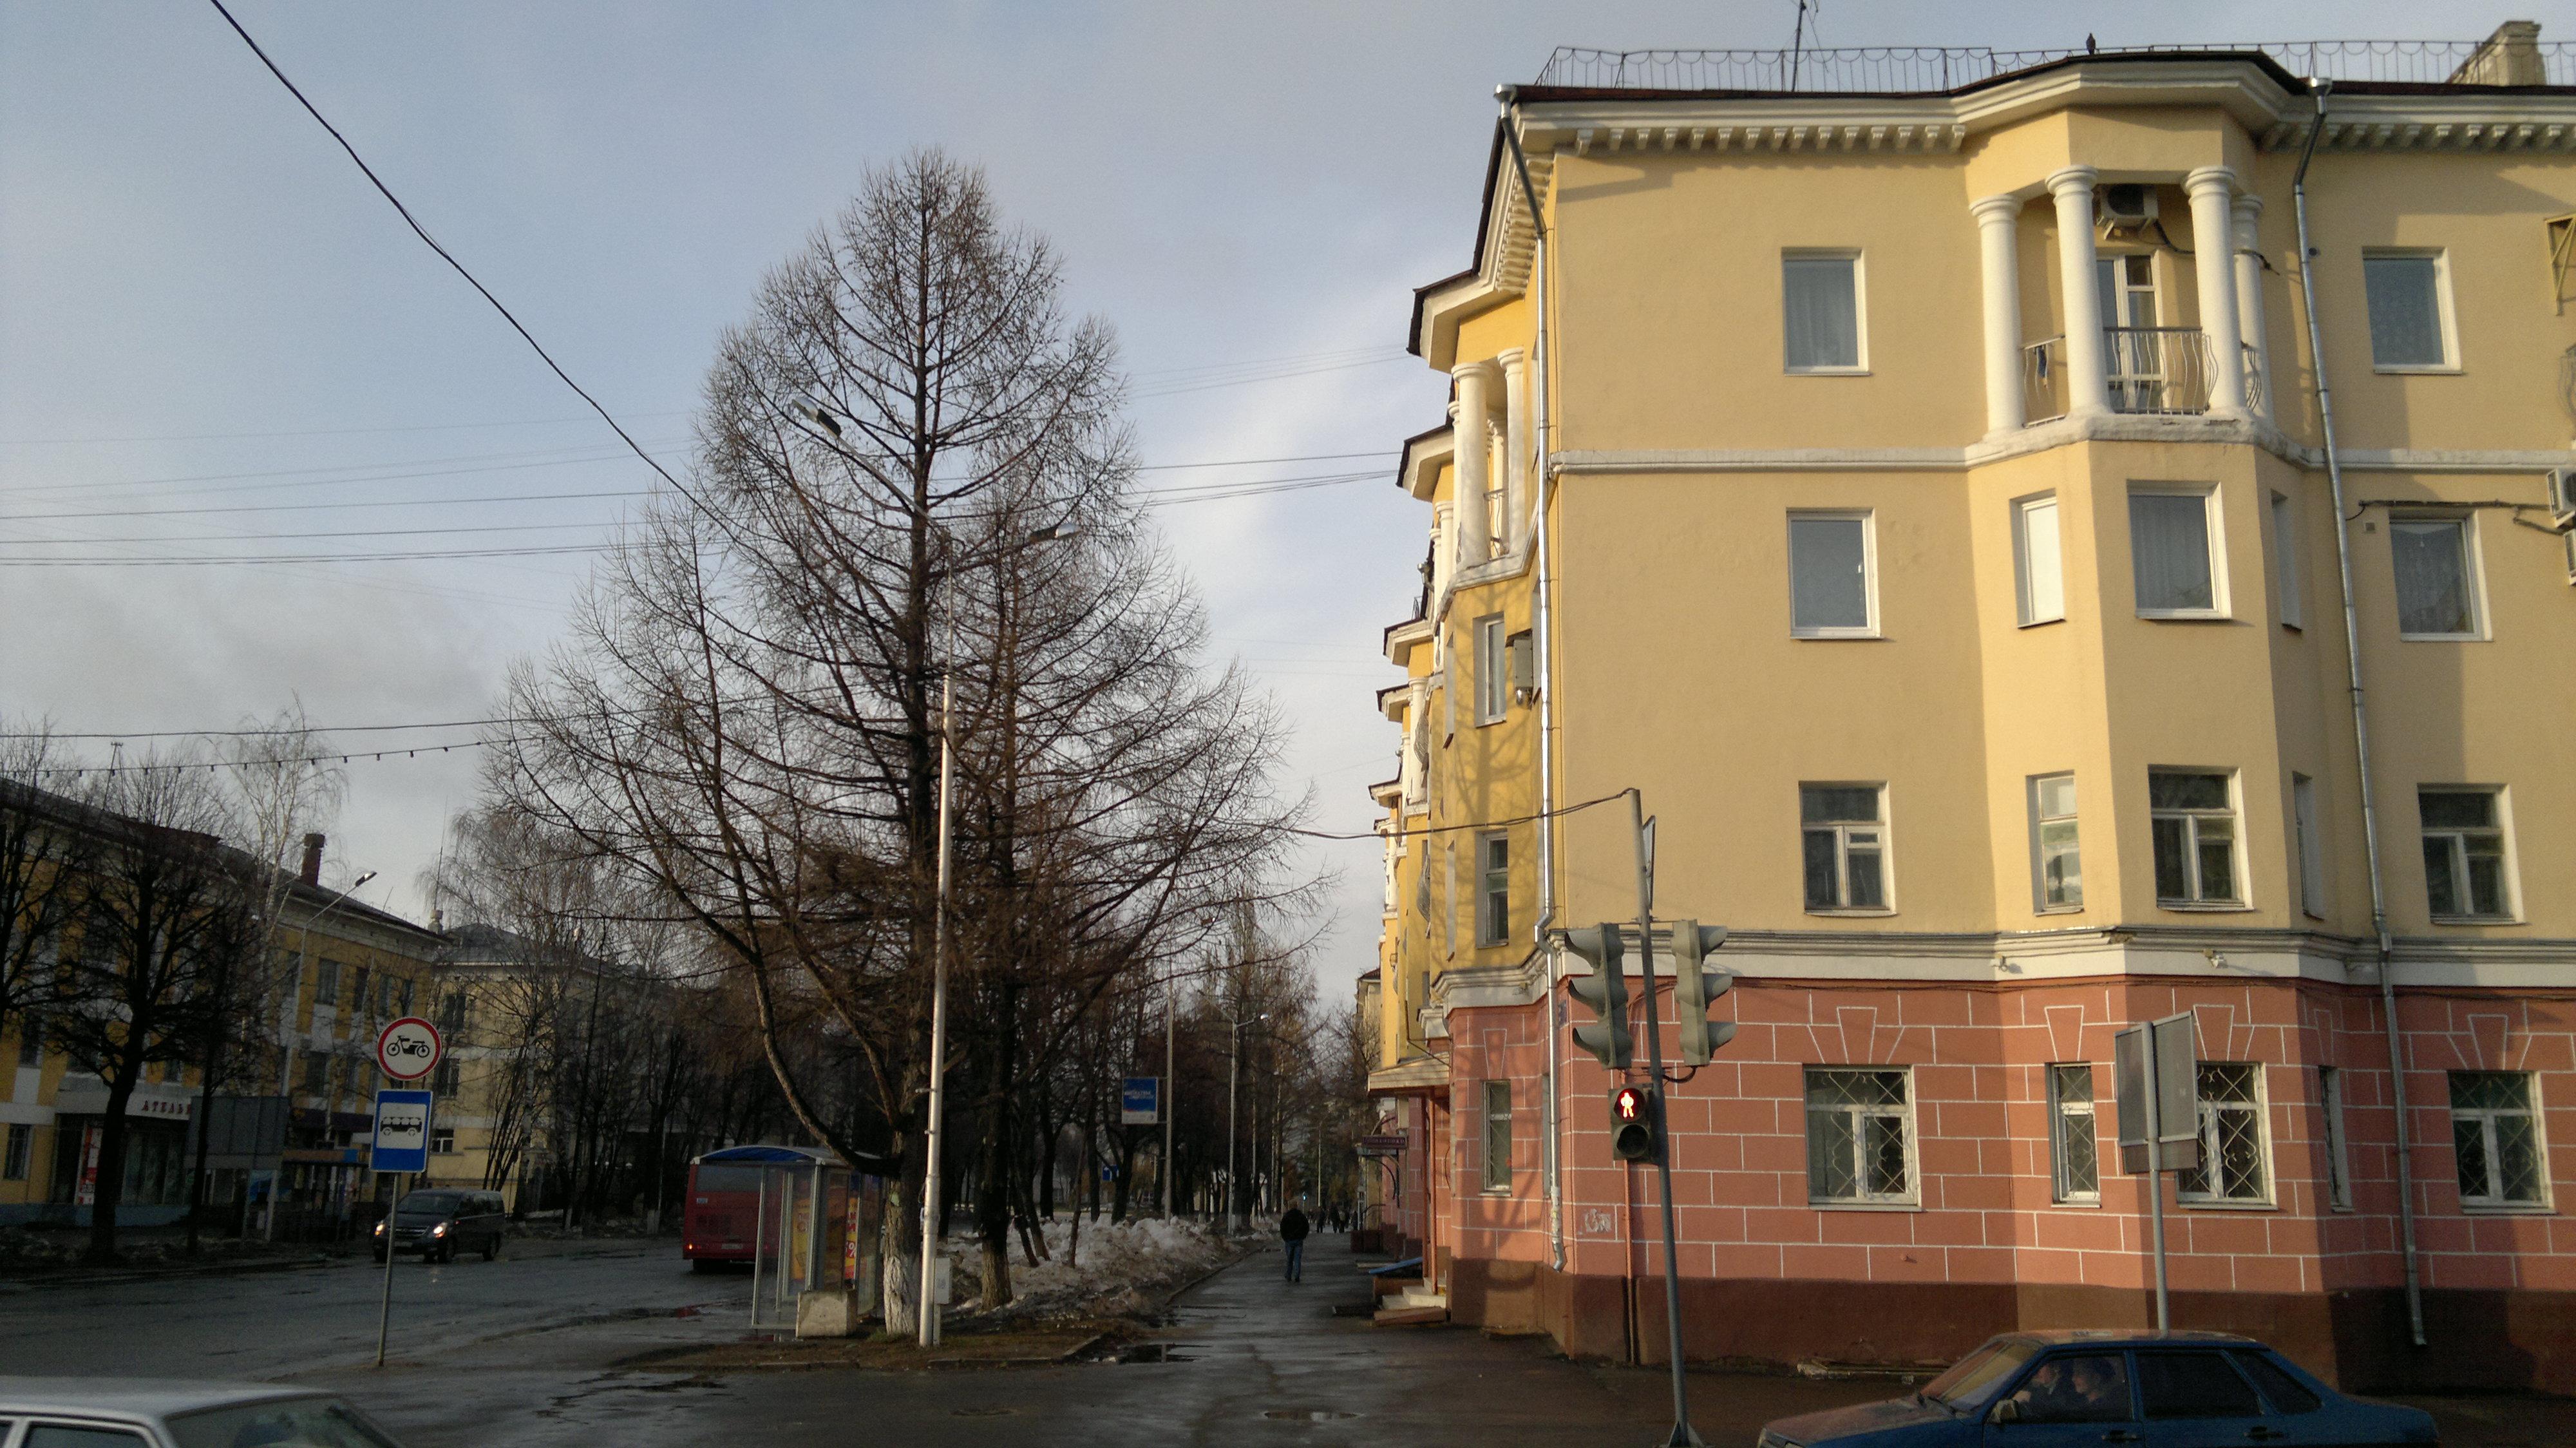 Russia mari el republic yoshkar-ola dating